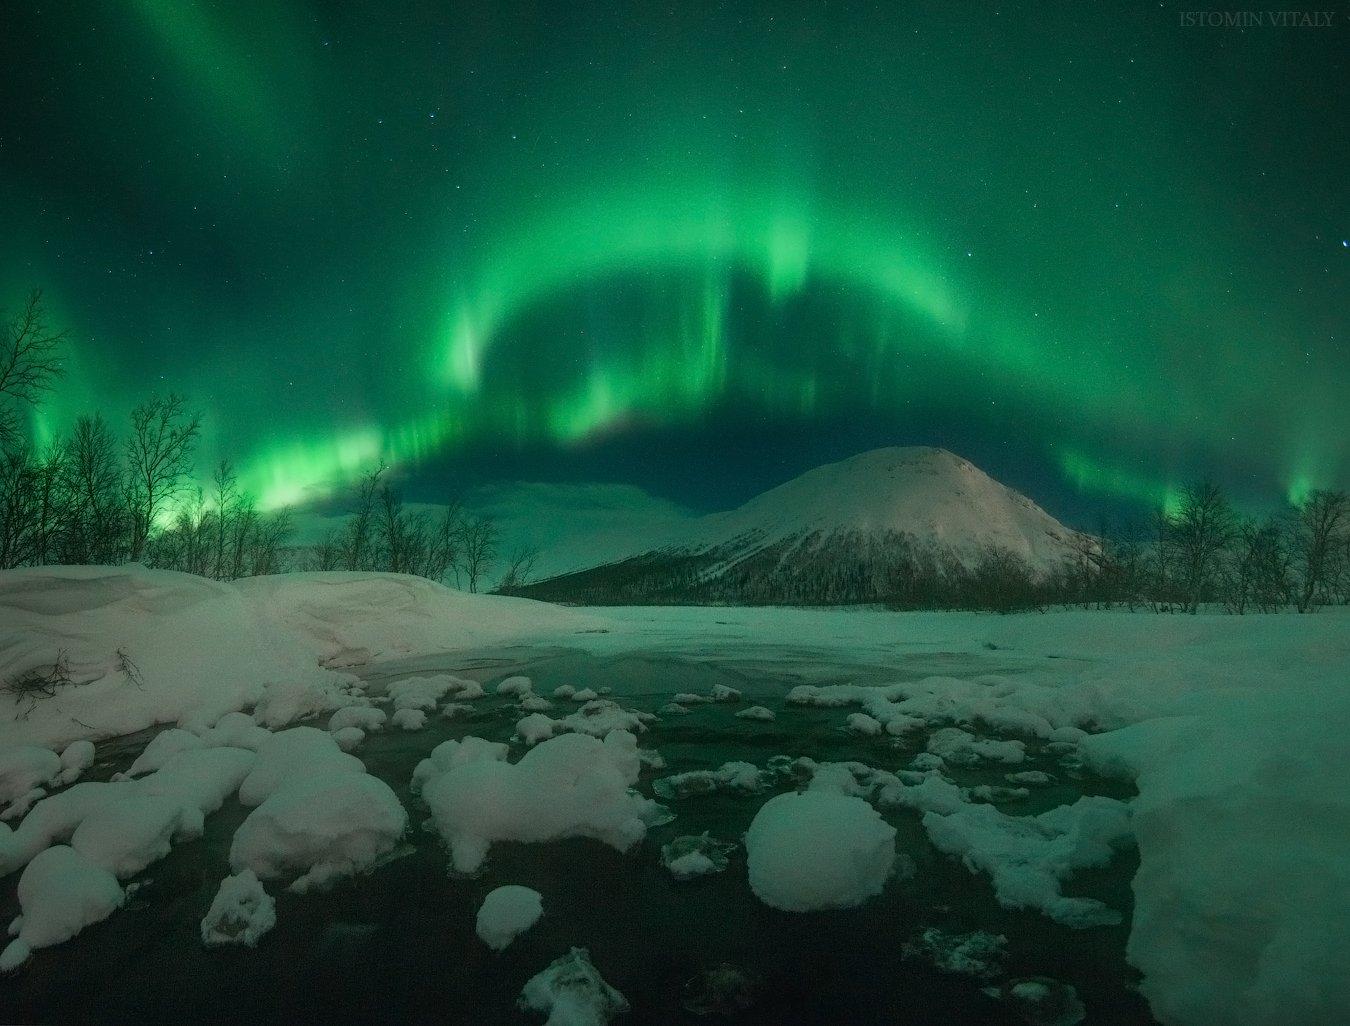 пейзаж,сияние,россия,весна,снег,звезды,красиво,горы,вода,цвет,свет,кольский,север, Истомин Виталий